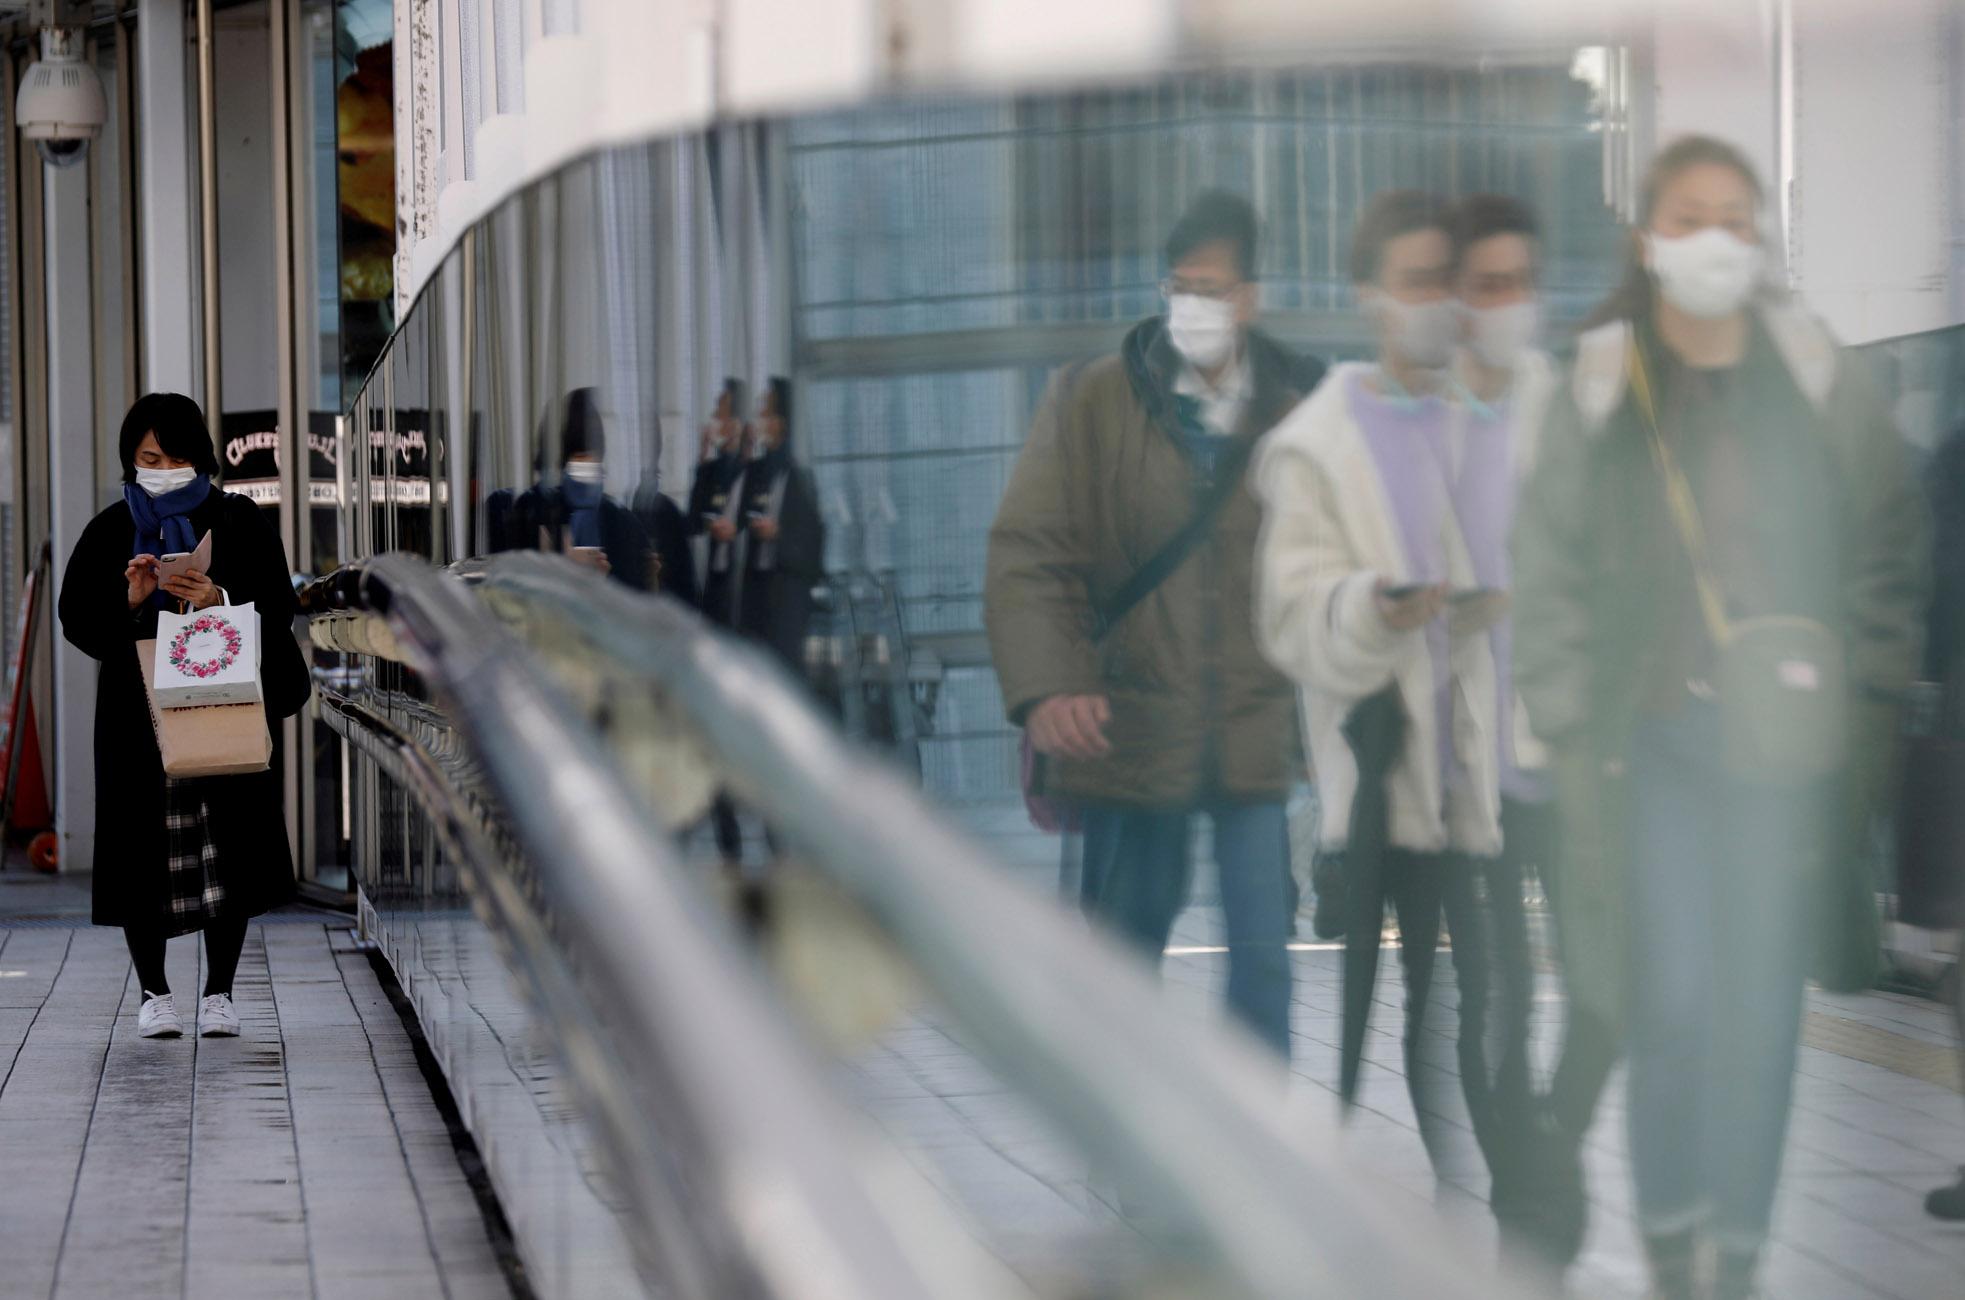 Ιαπωνία – κορονοϊός: 337 νέα κρούσματα στο Τόκιο